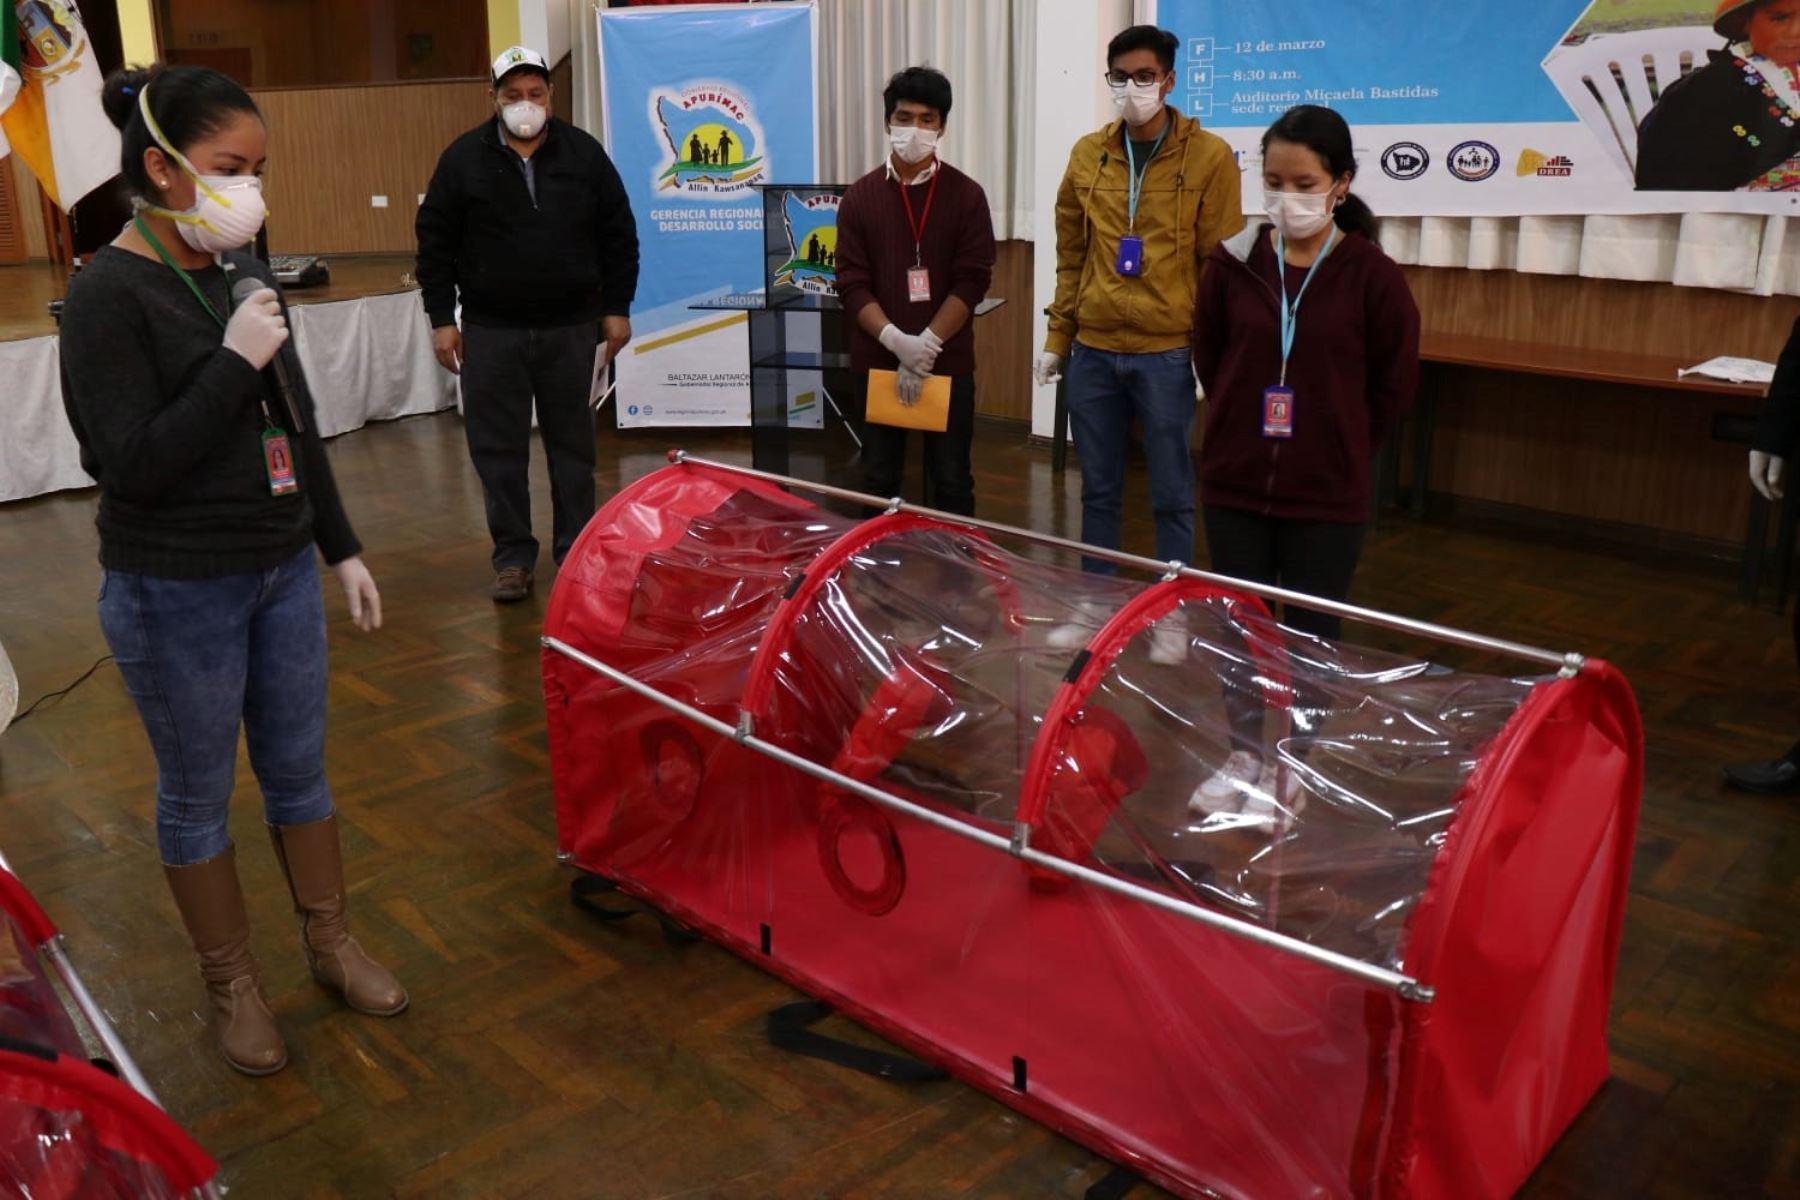 Estudiantes universitario elaboraron 25 cápsulas para el traslado seguro de pacientes contagiados con covid-19 en la región Apurímac.